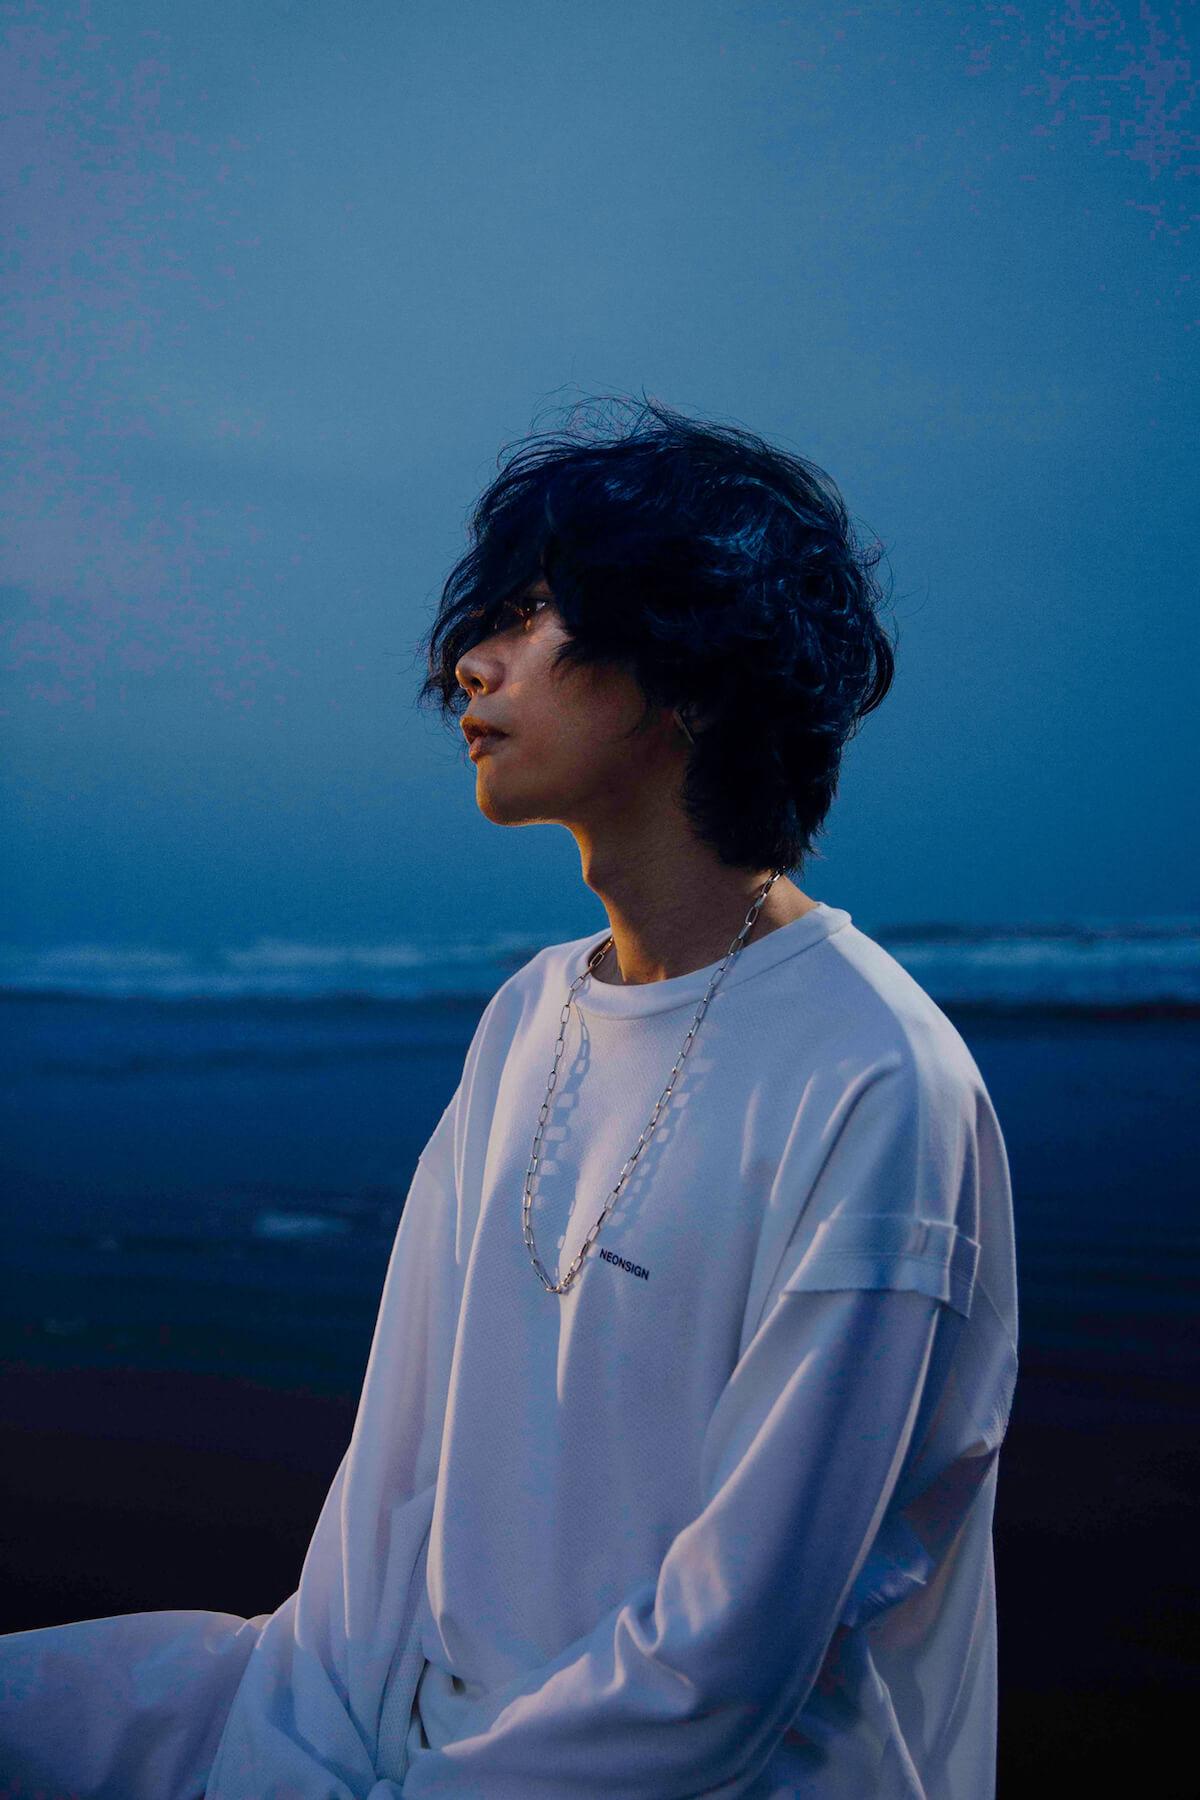 米津玄師「海の幽霊」が2019年デイリーNo.1ダウンロード数を記録! music190604_yonezukenshi_2